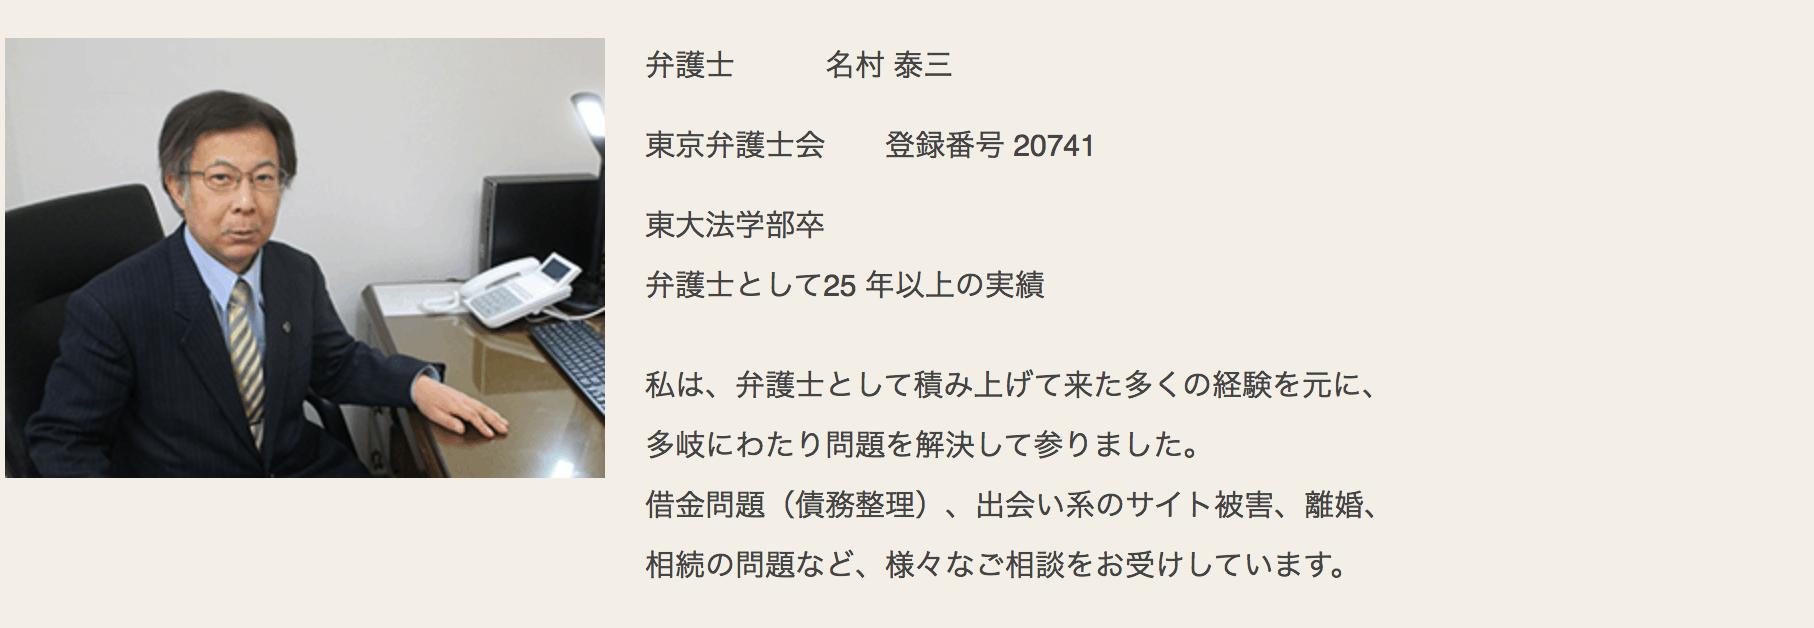 債務整理おすすめ事務所_名村法律事務所口コミ評判